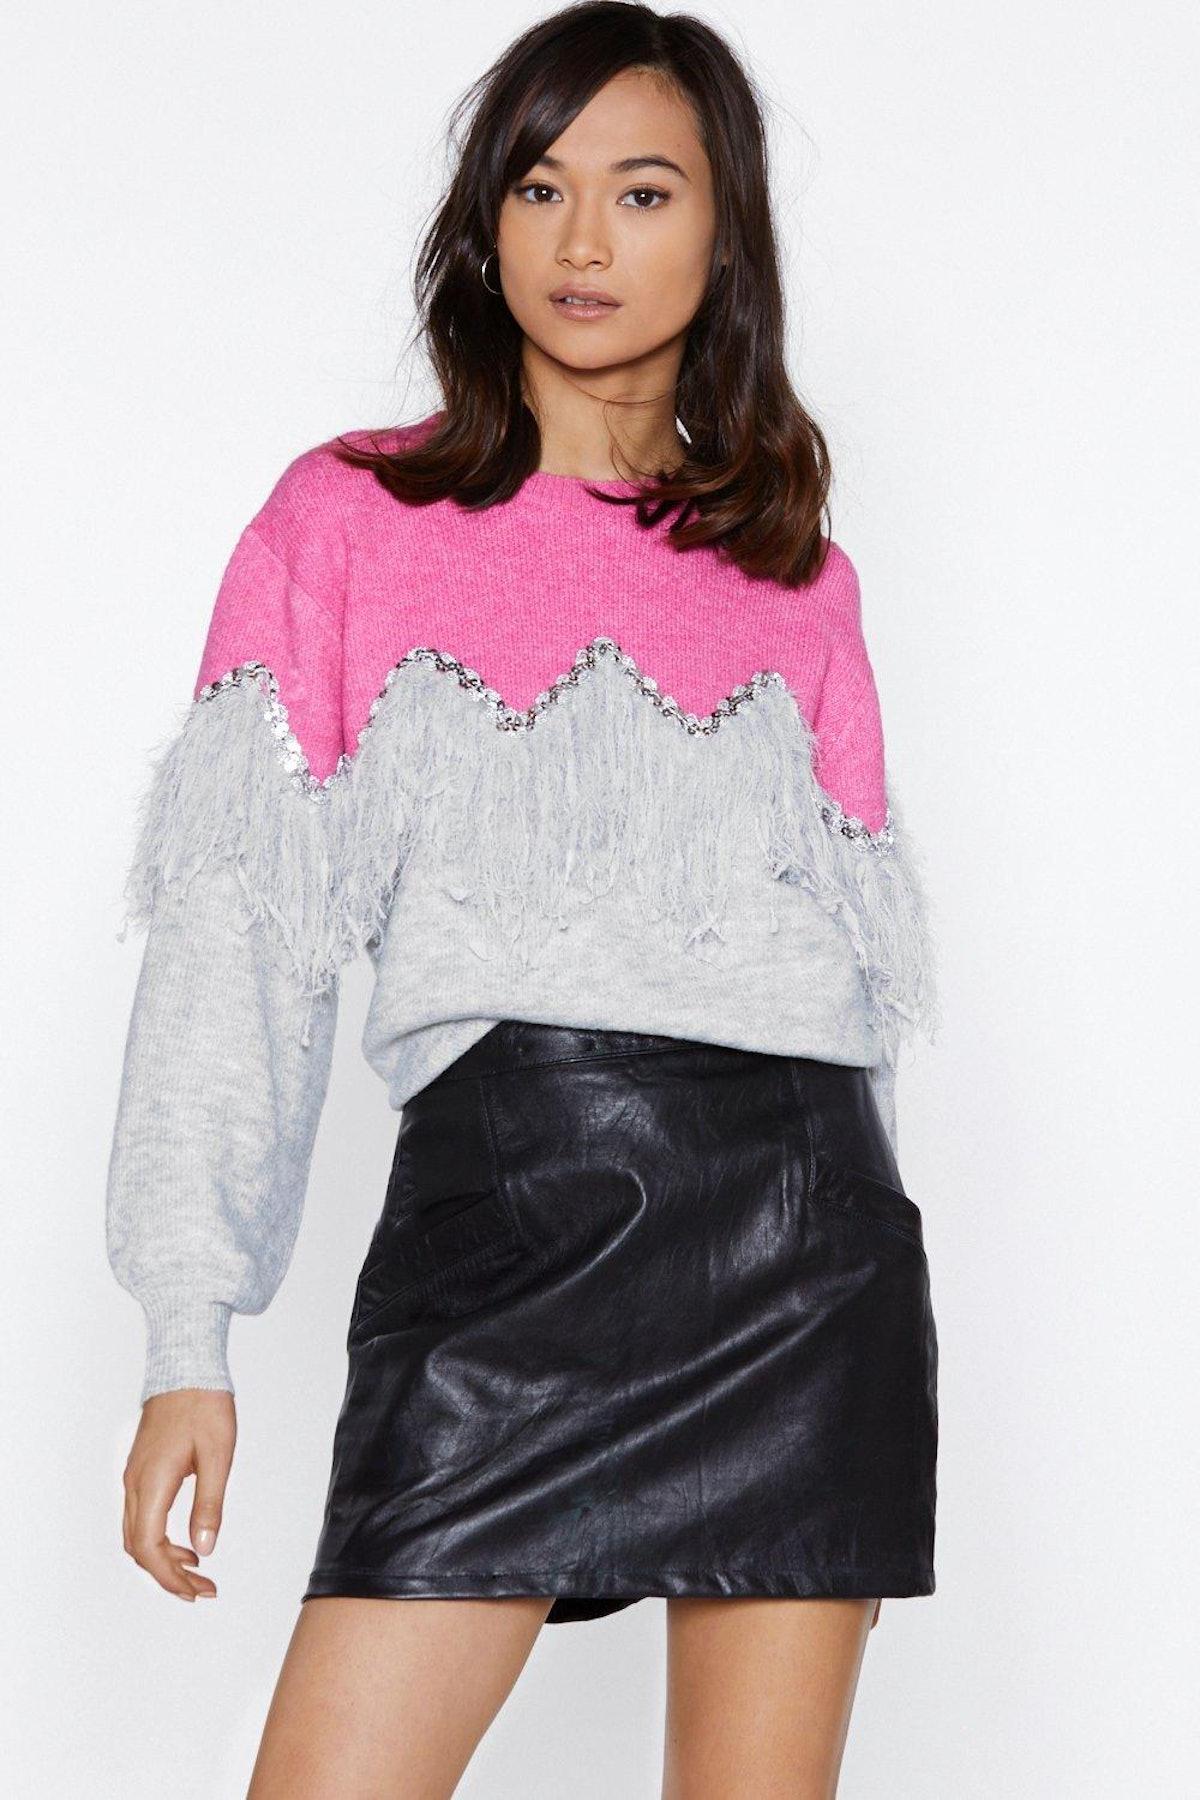 Sway of Life Fringe Sweater